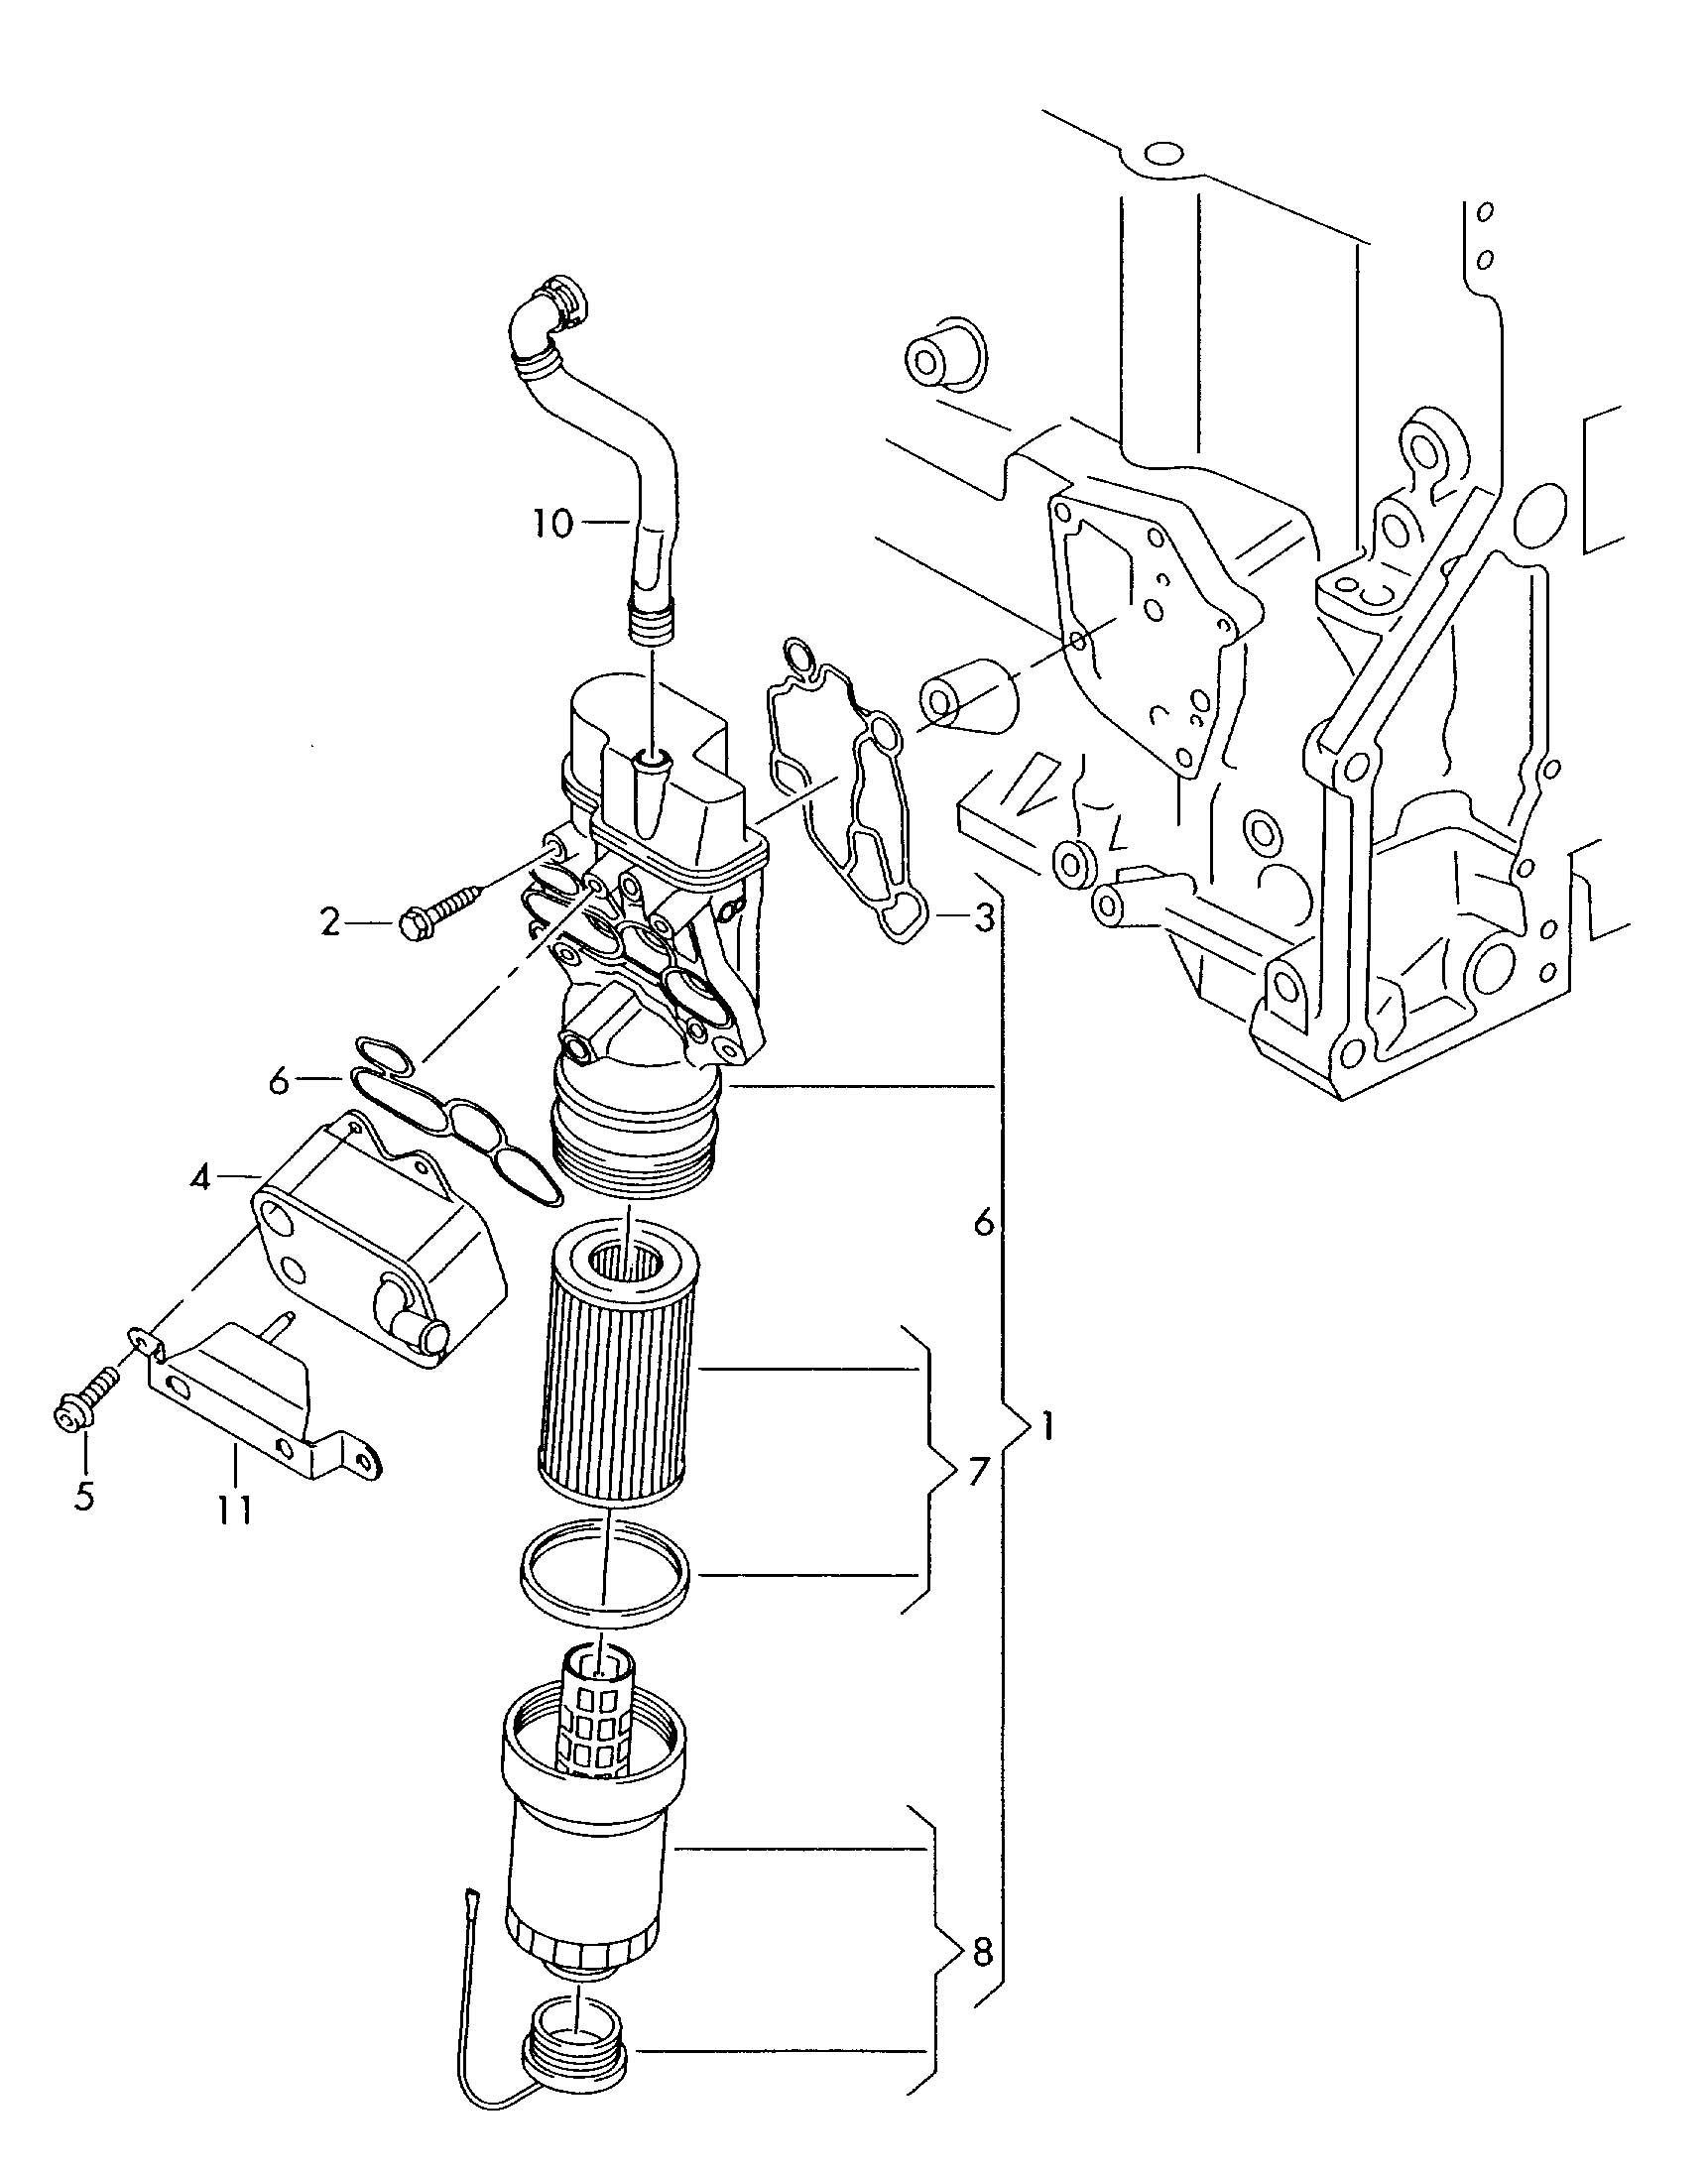 Vw Passat Engine Parts Diagram Vwvortex B6 Oil Leak Behind Oil Filter Housing Of Vw Passat Engine Parts Diagram